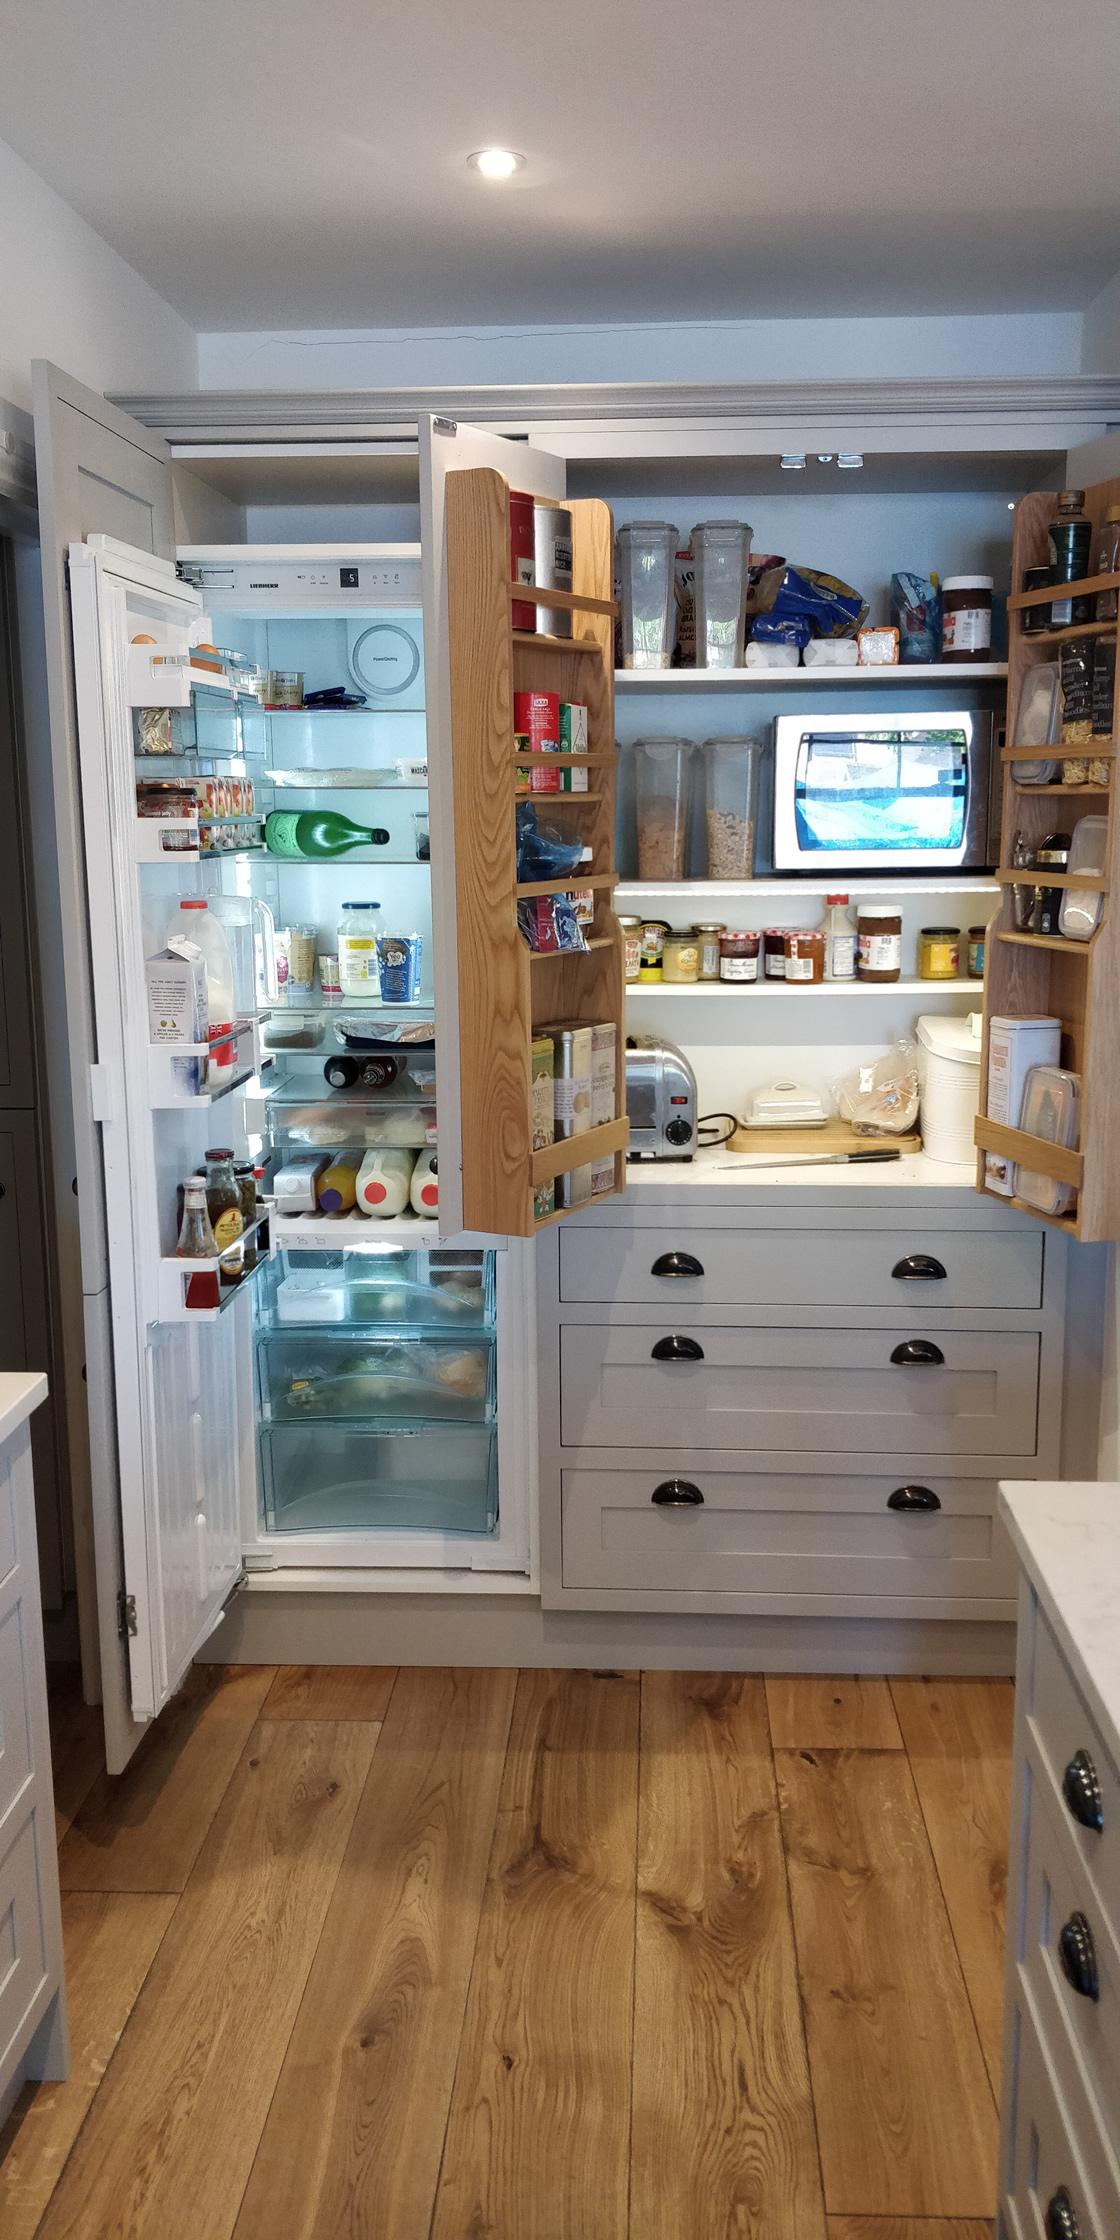 Reigate Kitchen Cupboards Installation